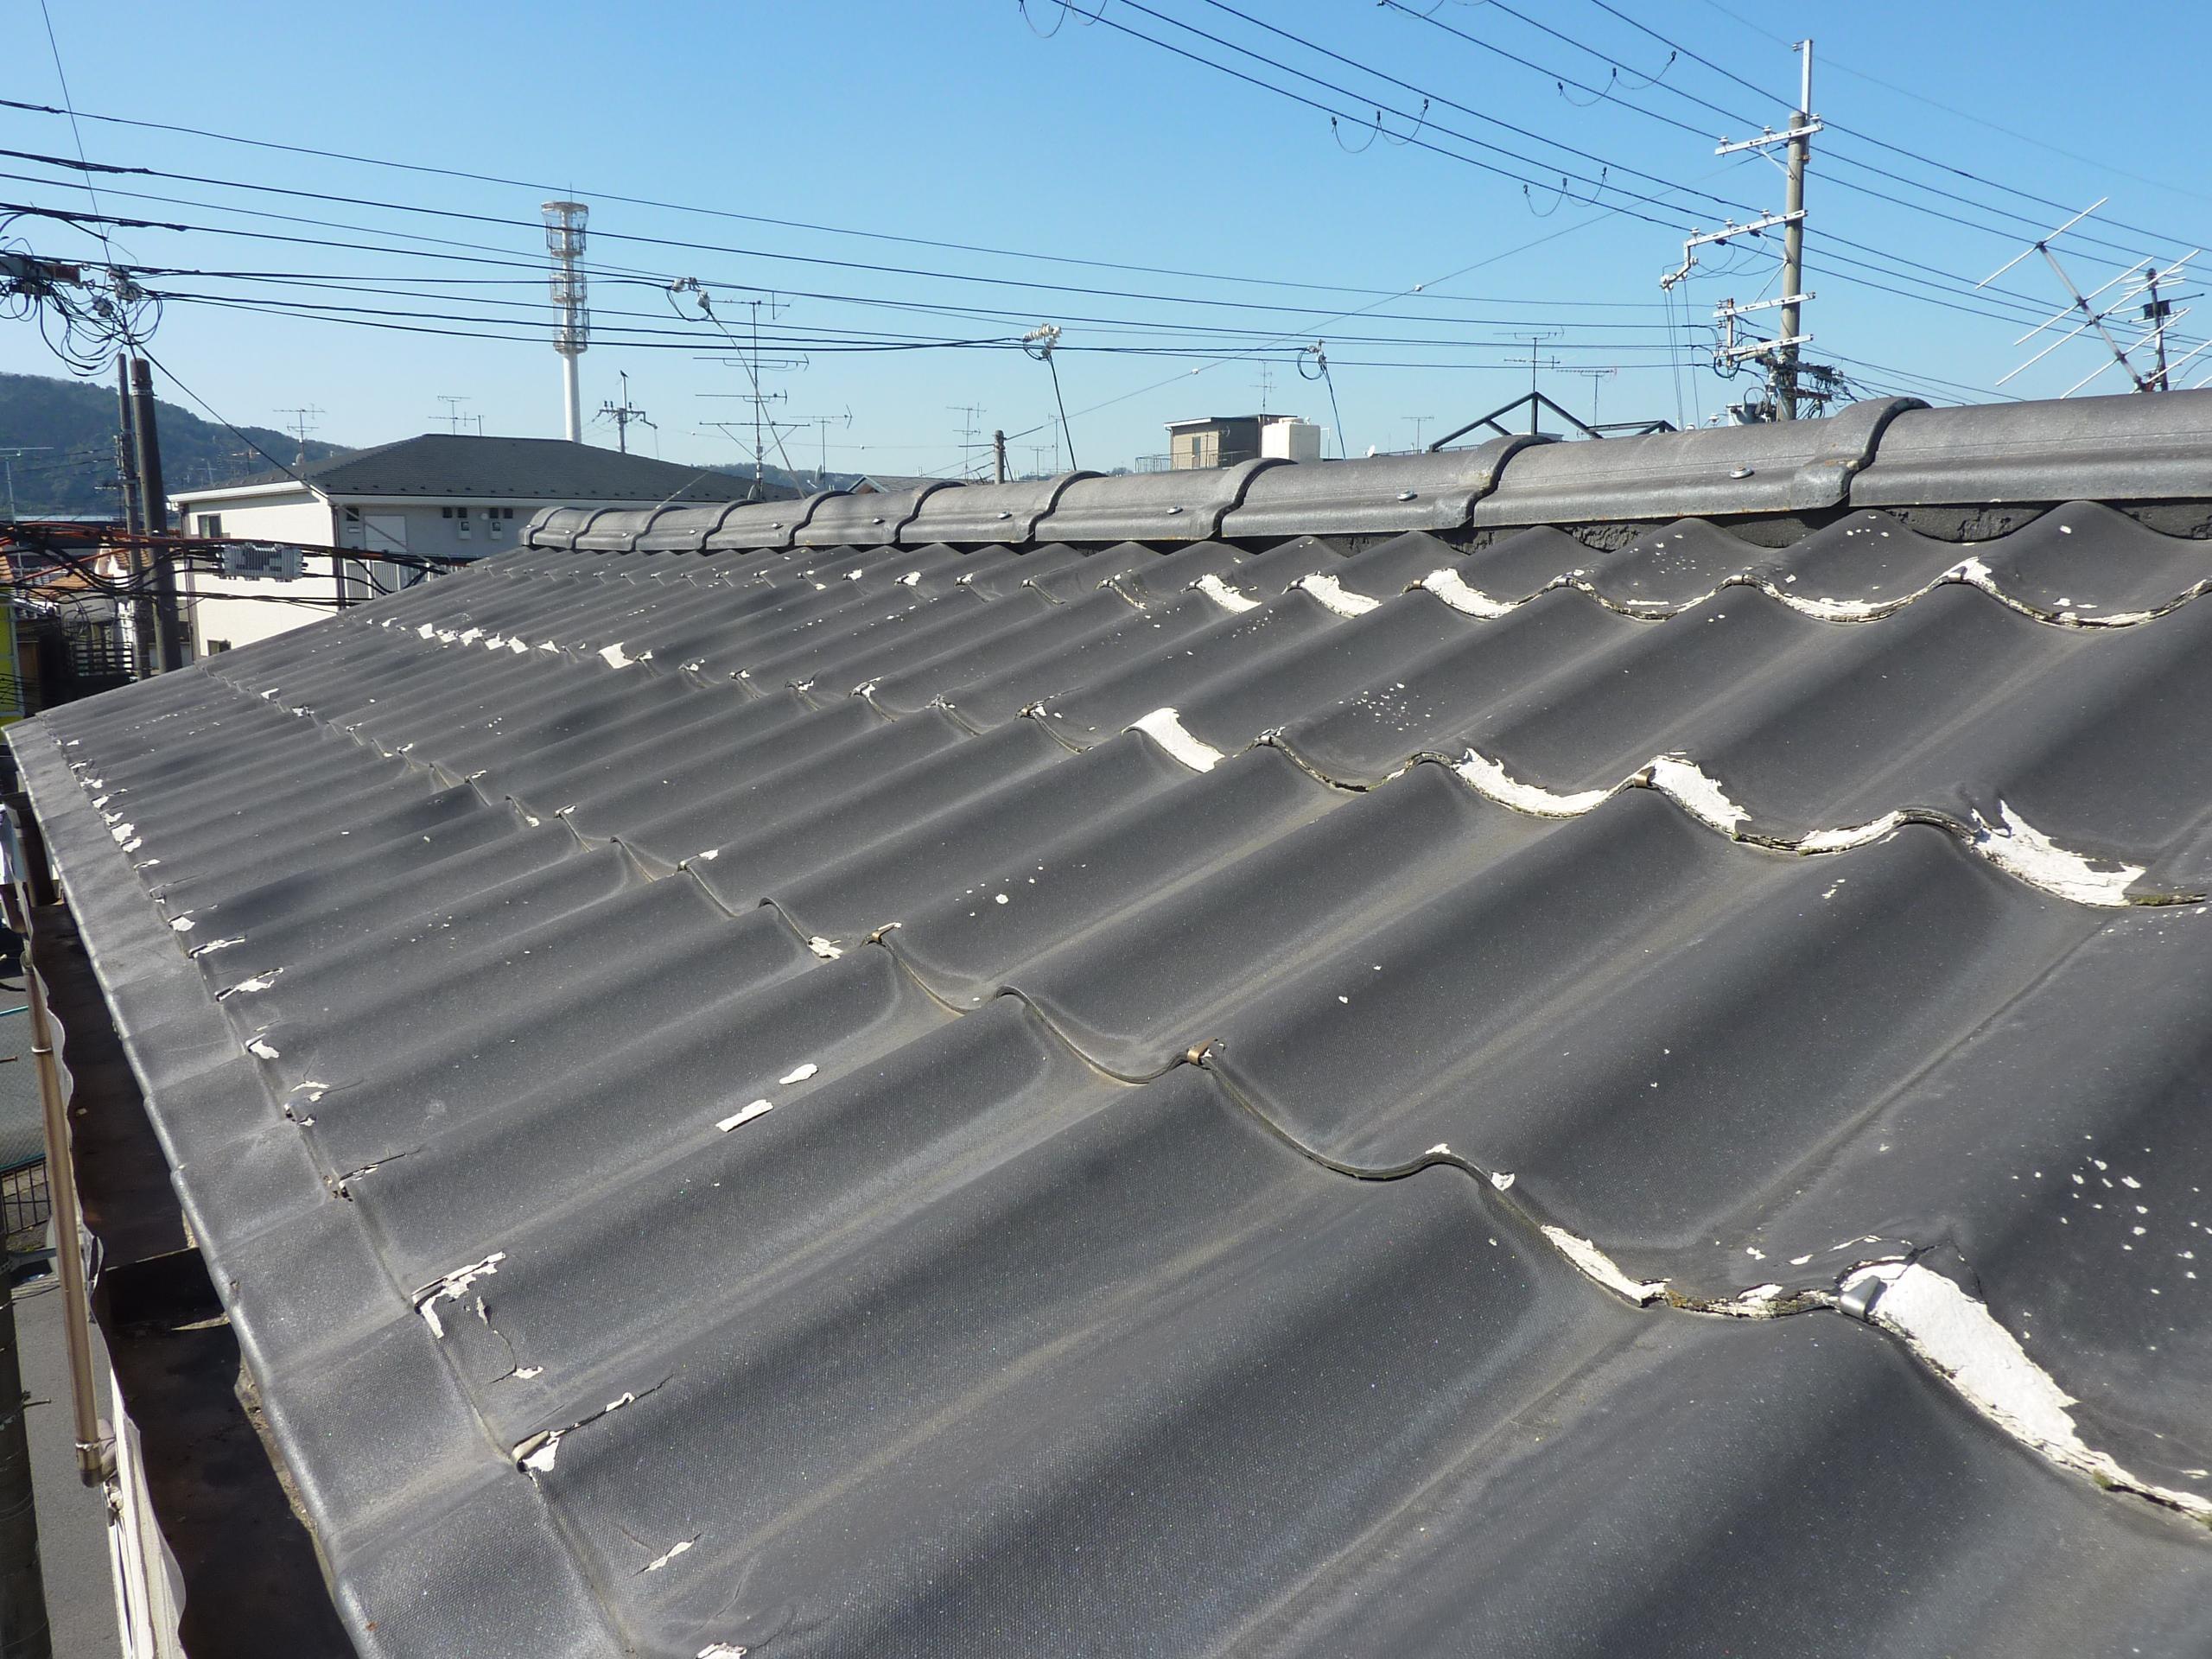 京都 城陽 宇治-タカミ工務店 屋根塗装